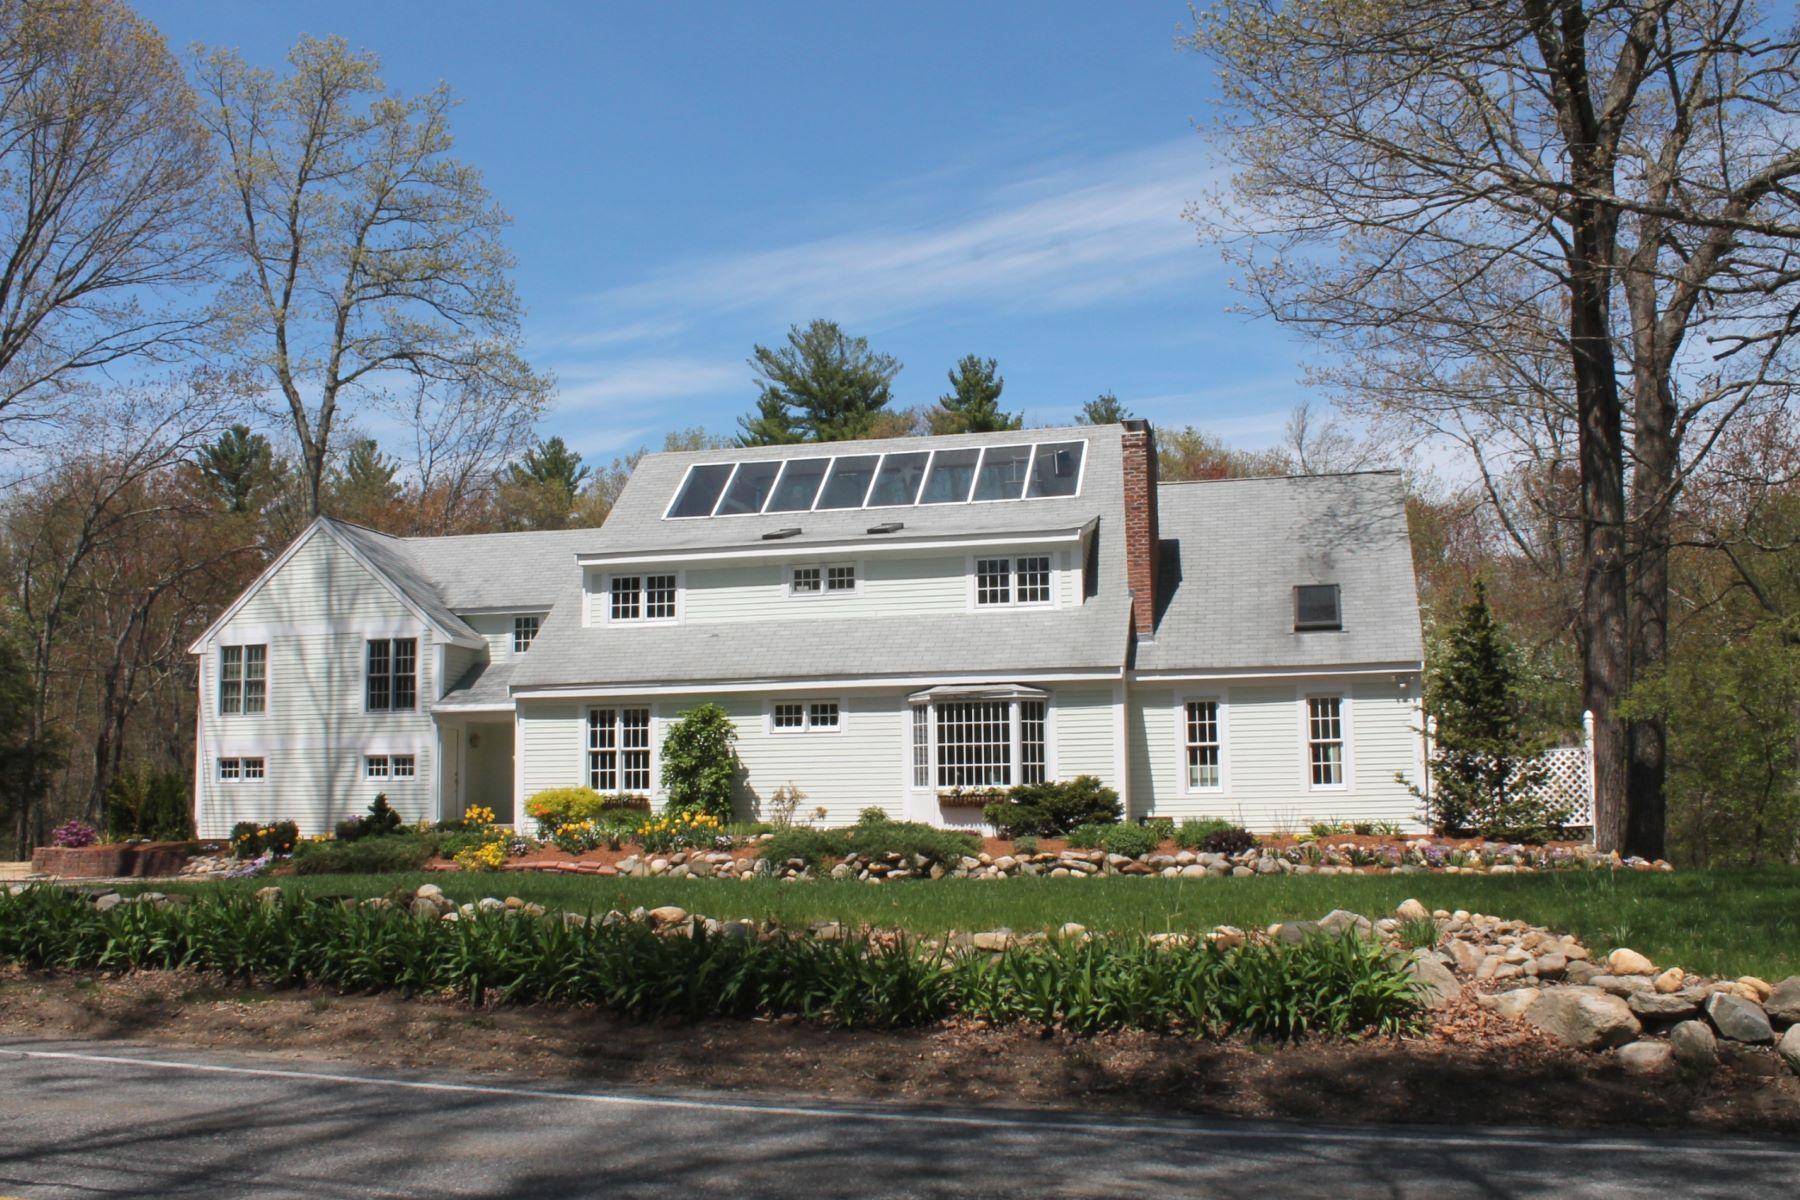 Maison unifamiliale pour l Vente à Equal parts location, light, sustainability. 117 Lincoln Road Lincoln, Massachusetts, 01773 États-Unis